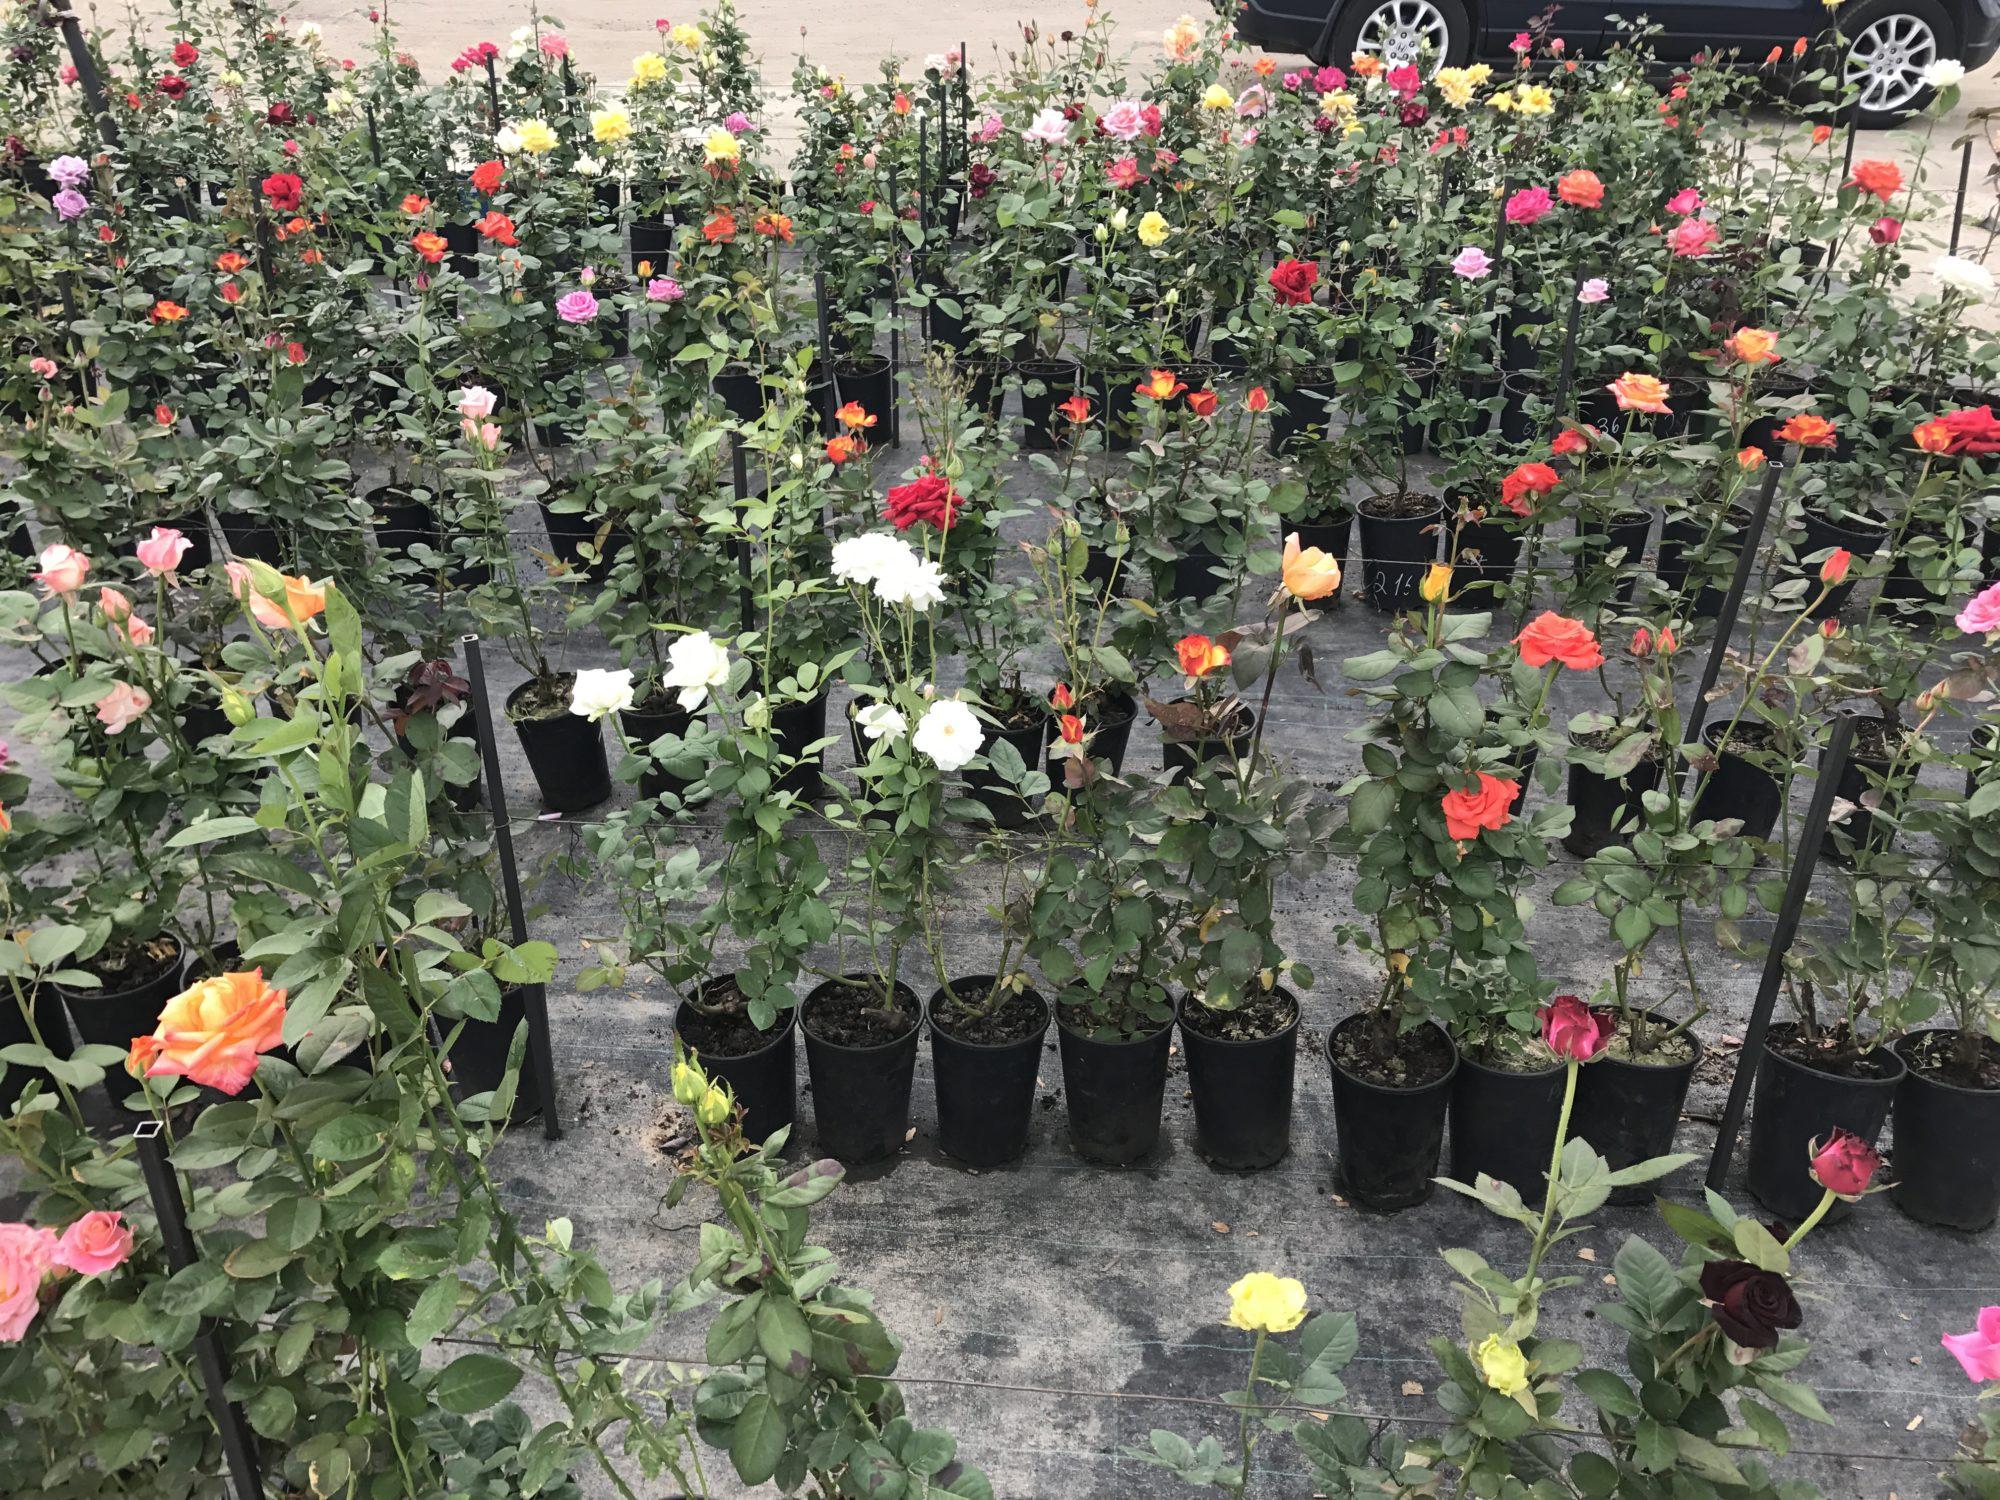 Осенью в питомниках представлен более широкий ассортимент роз для посадки